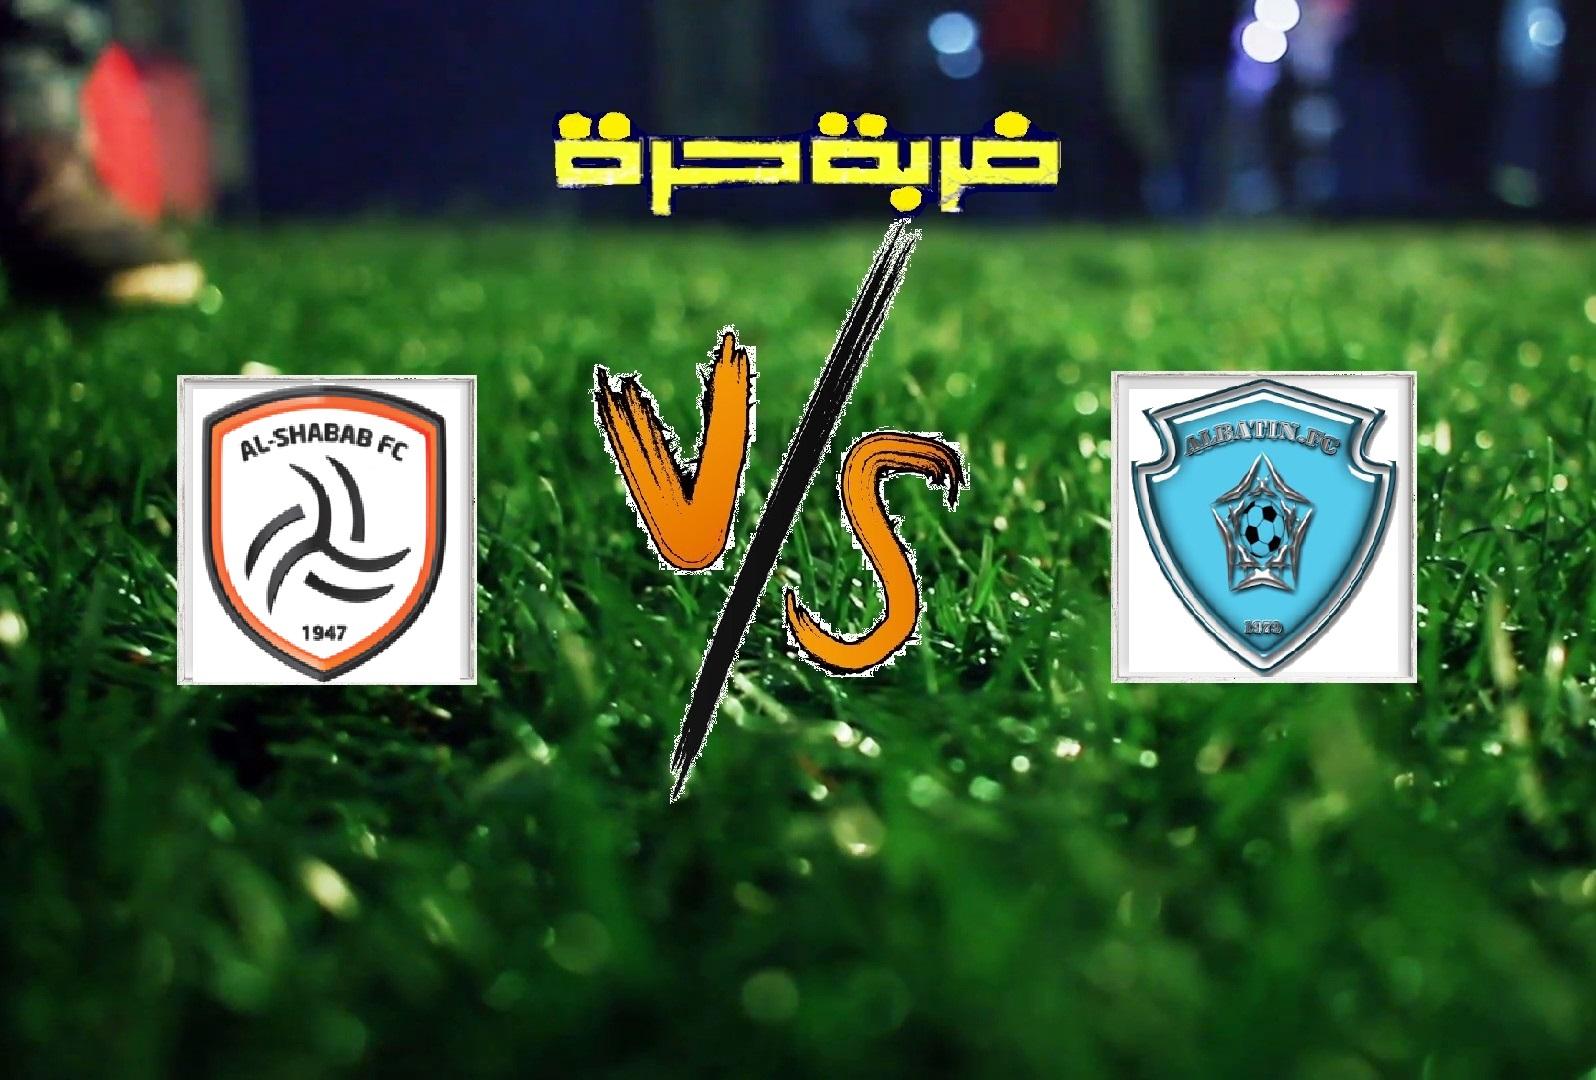 نتيجة مباراة الشباب والباطن اليوم الخميس بتاريخ 11-04-2019 الدوري السعودي